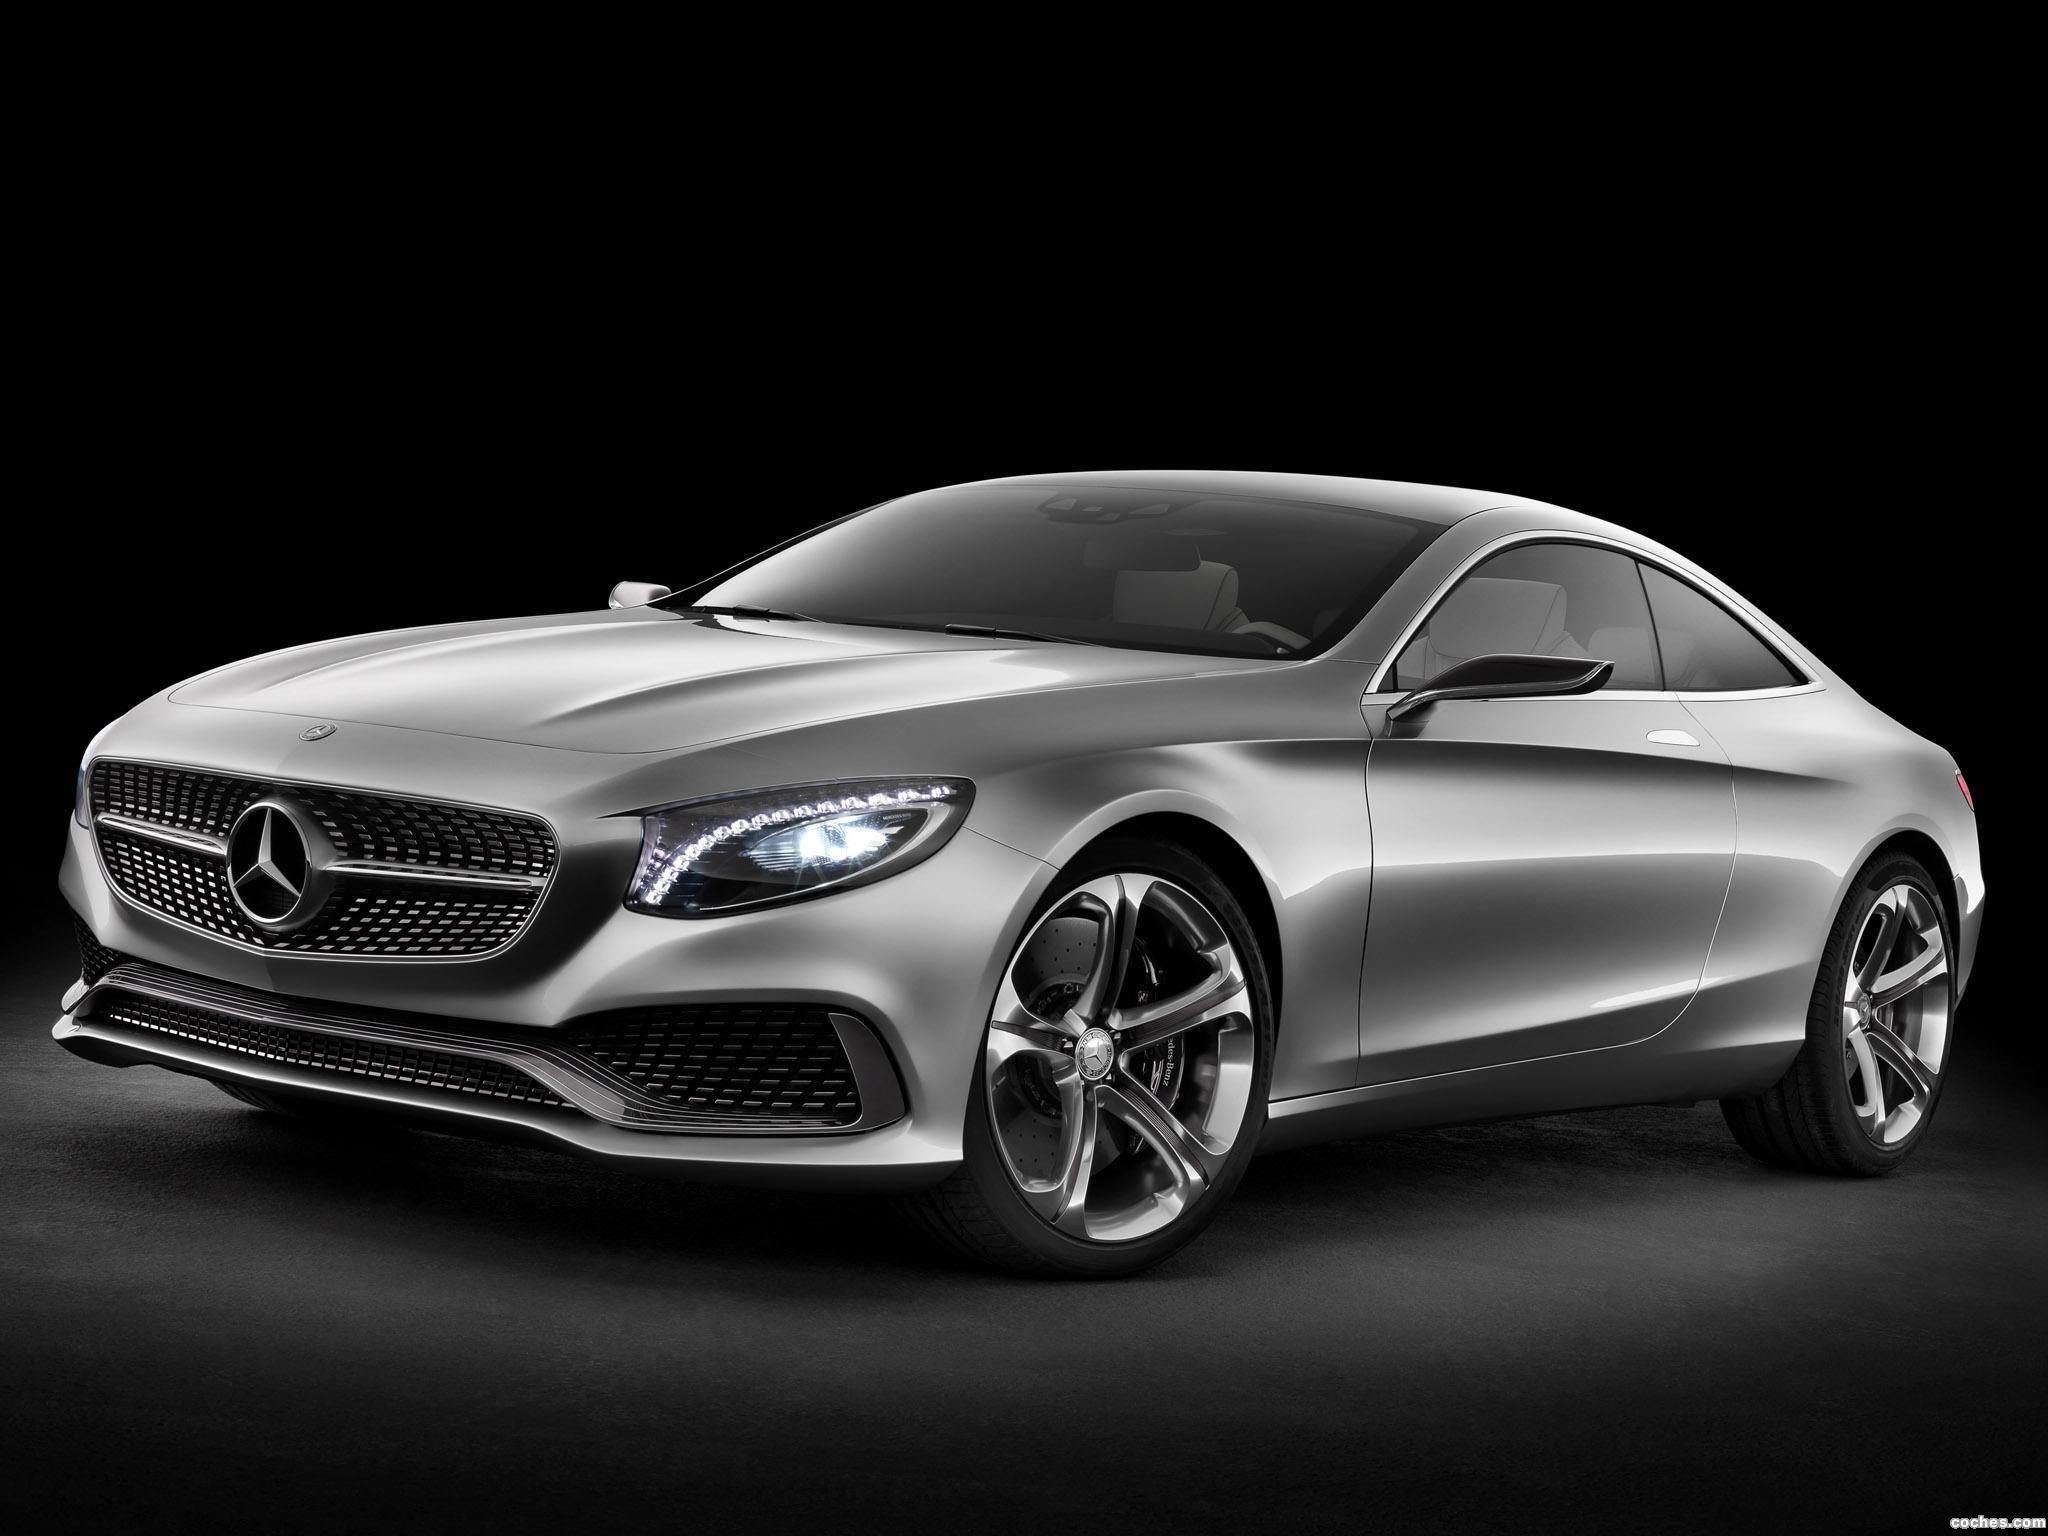 Foto 28 de Mercedes Clase S Coupe Concept 2013